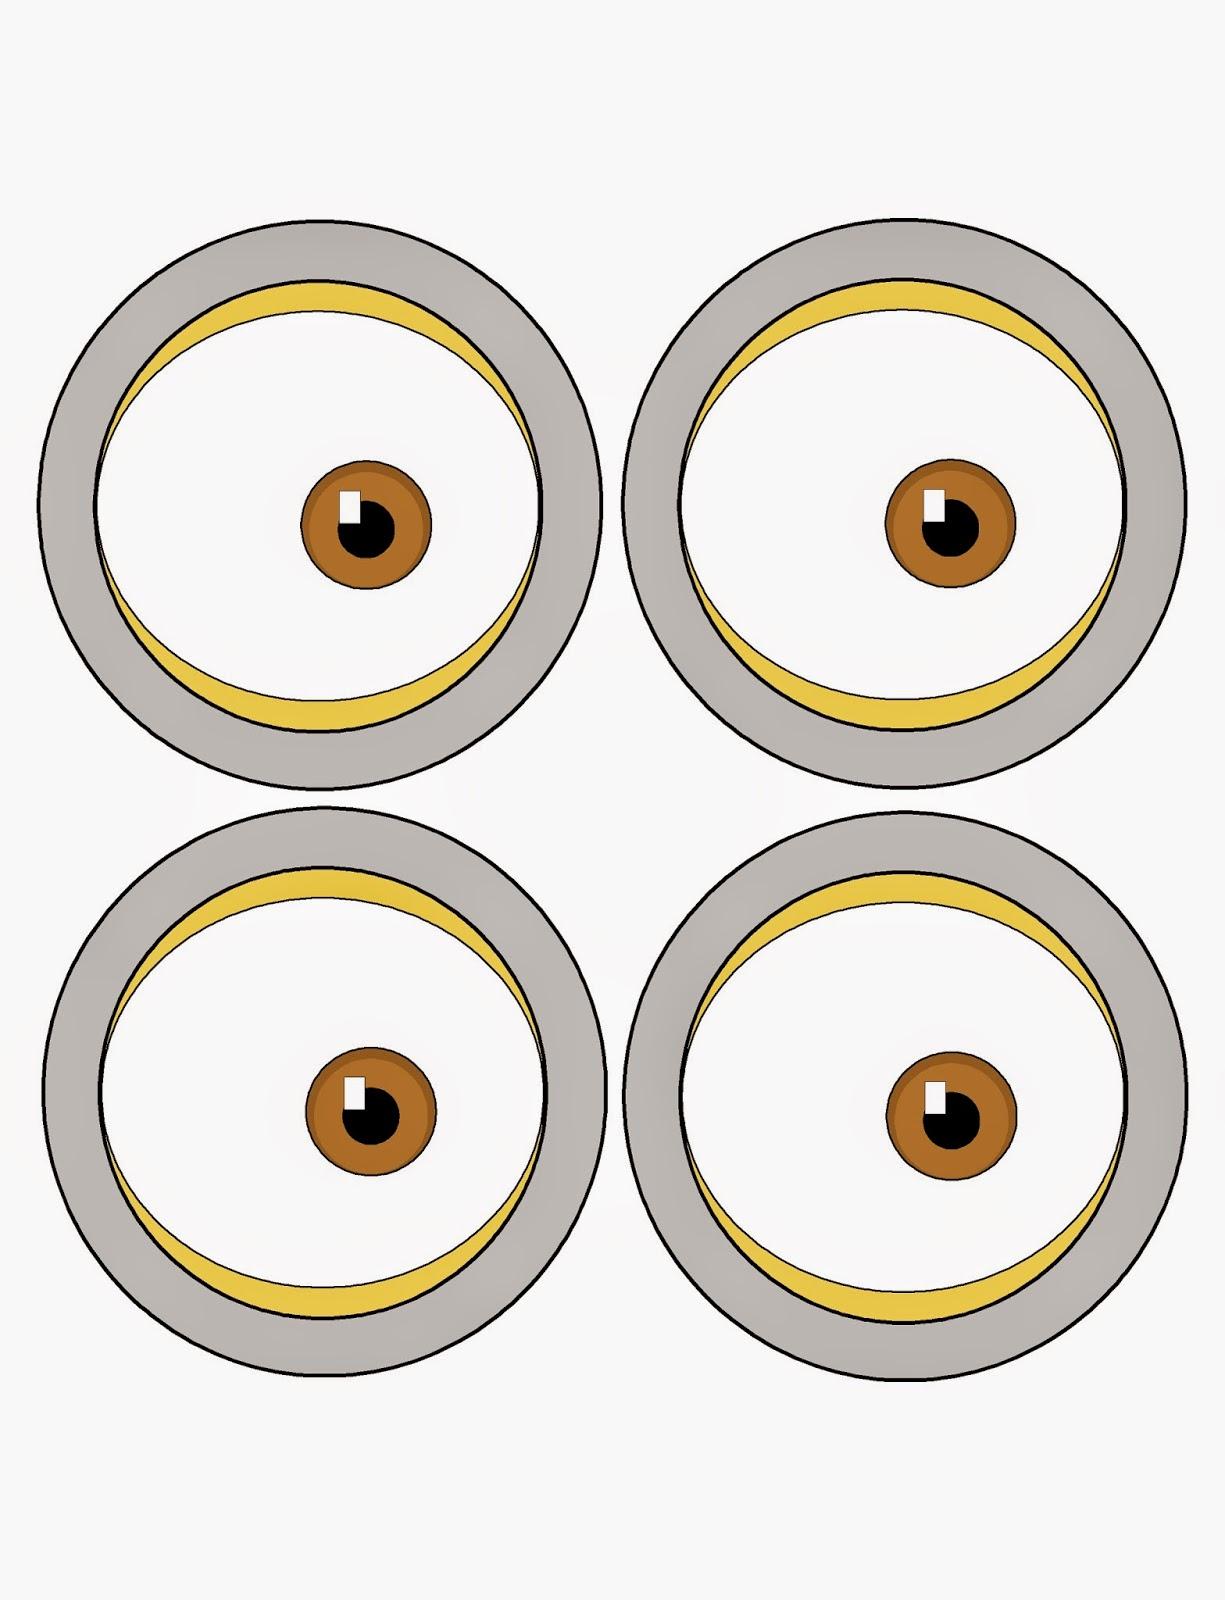 Eyeball clipart minion Minion Minion Clipart (48+) template